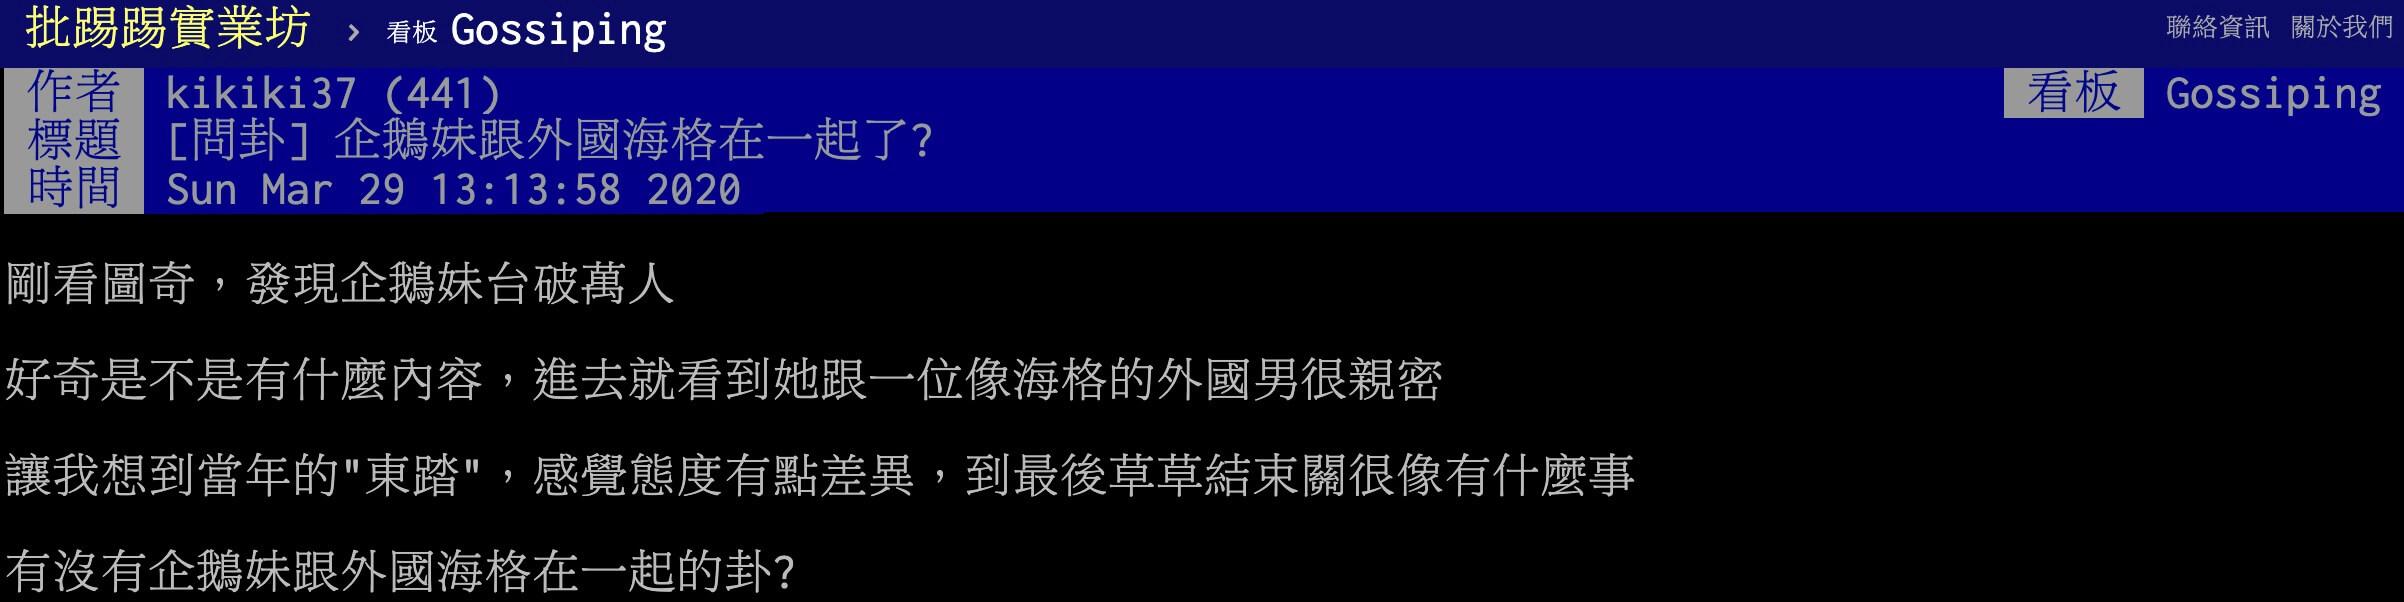 外國比較香?企鵝妹爆「新戀情曝光」 網:臺灣肥宅真可憐